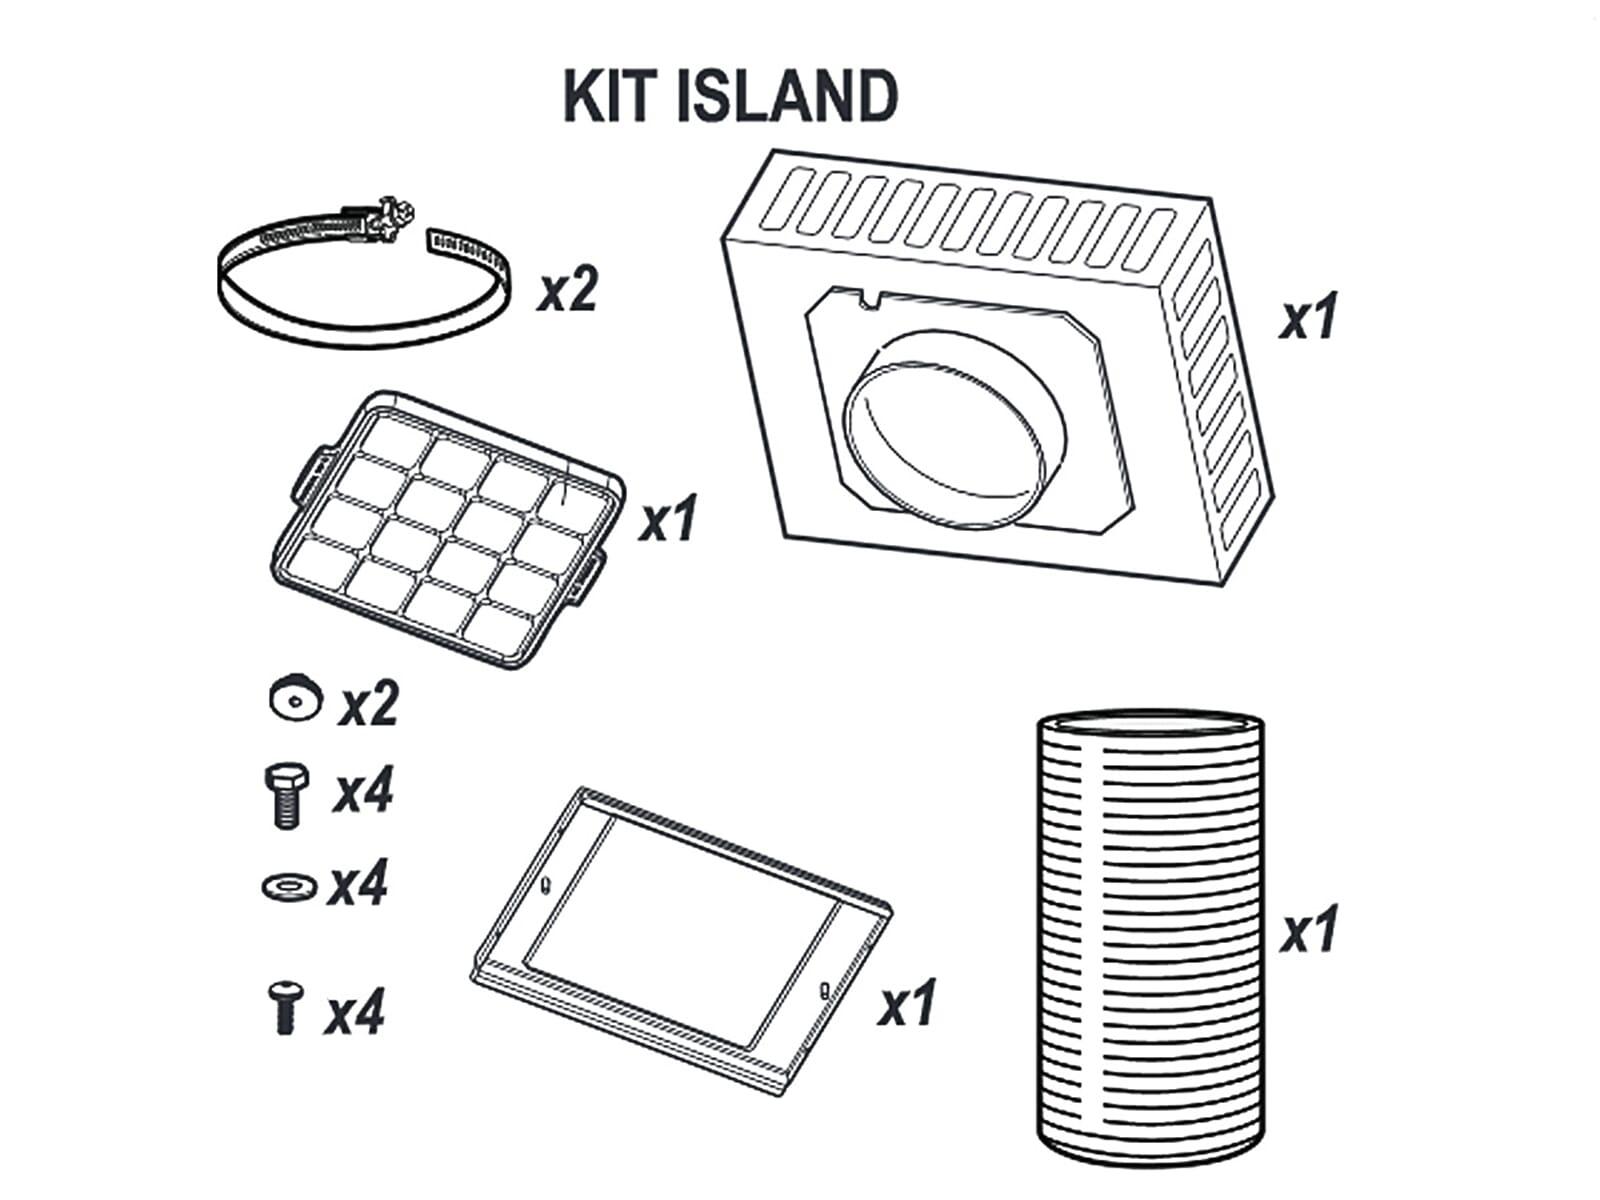 AEG Kit Island Umluftset